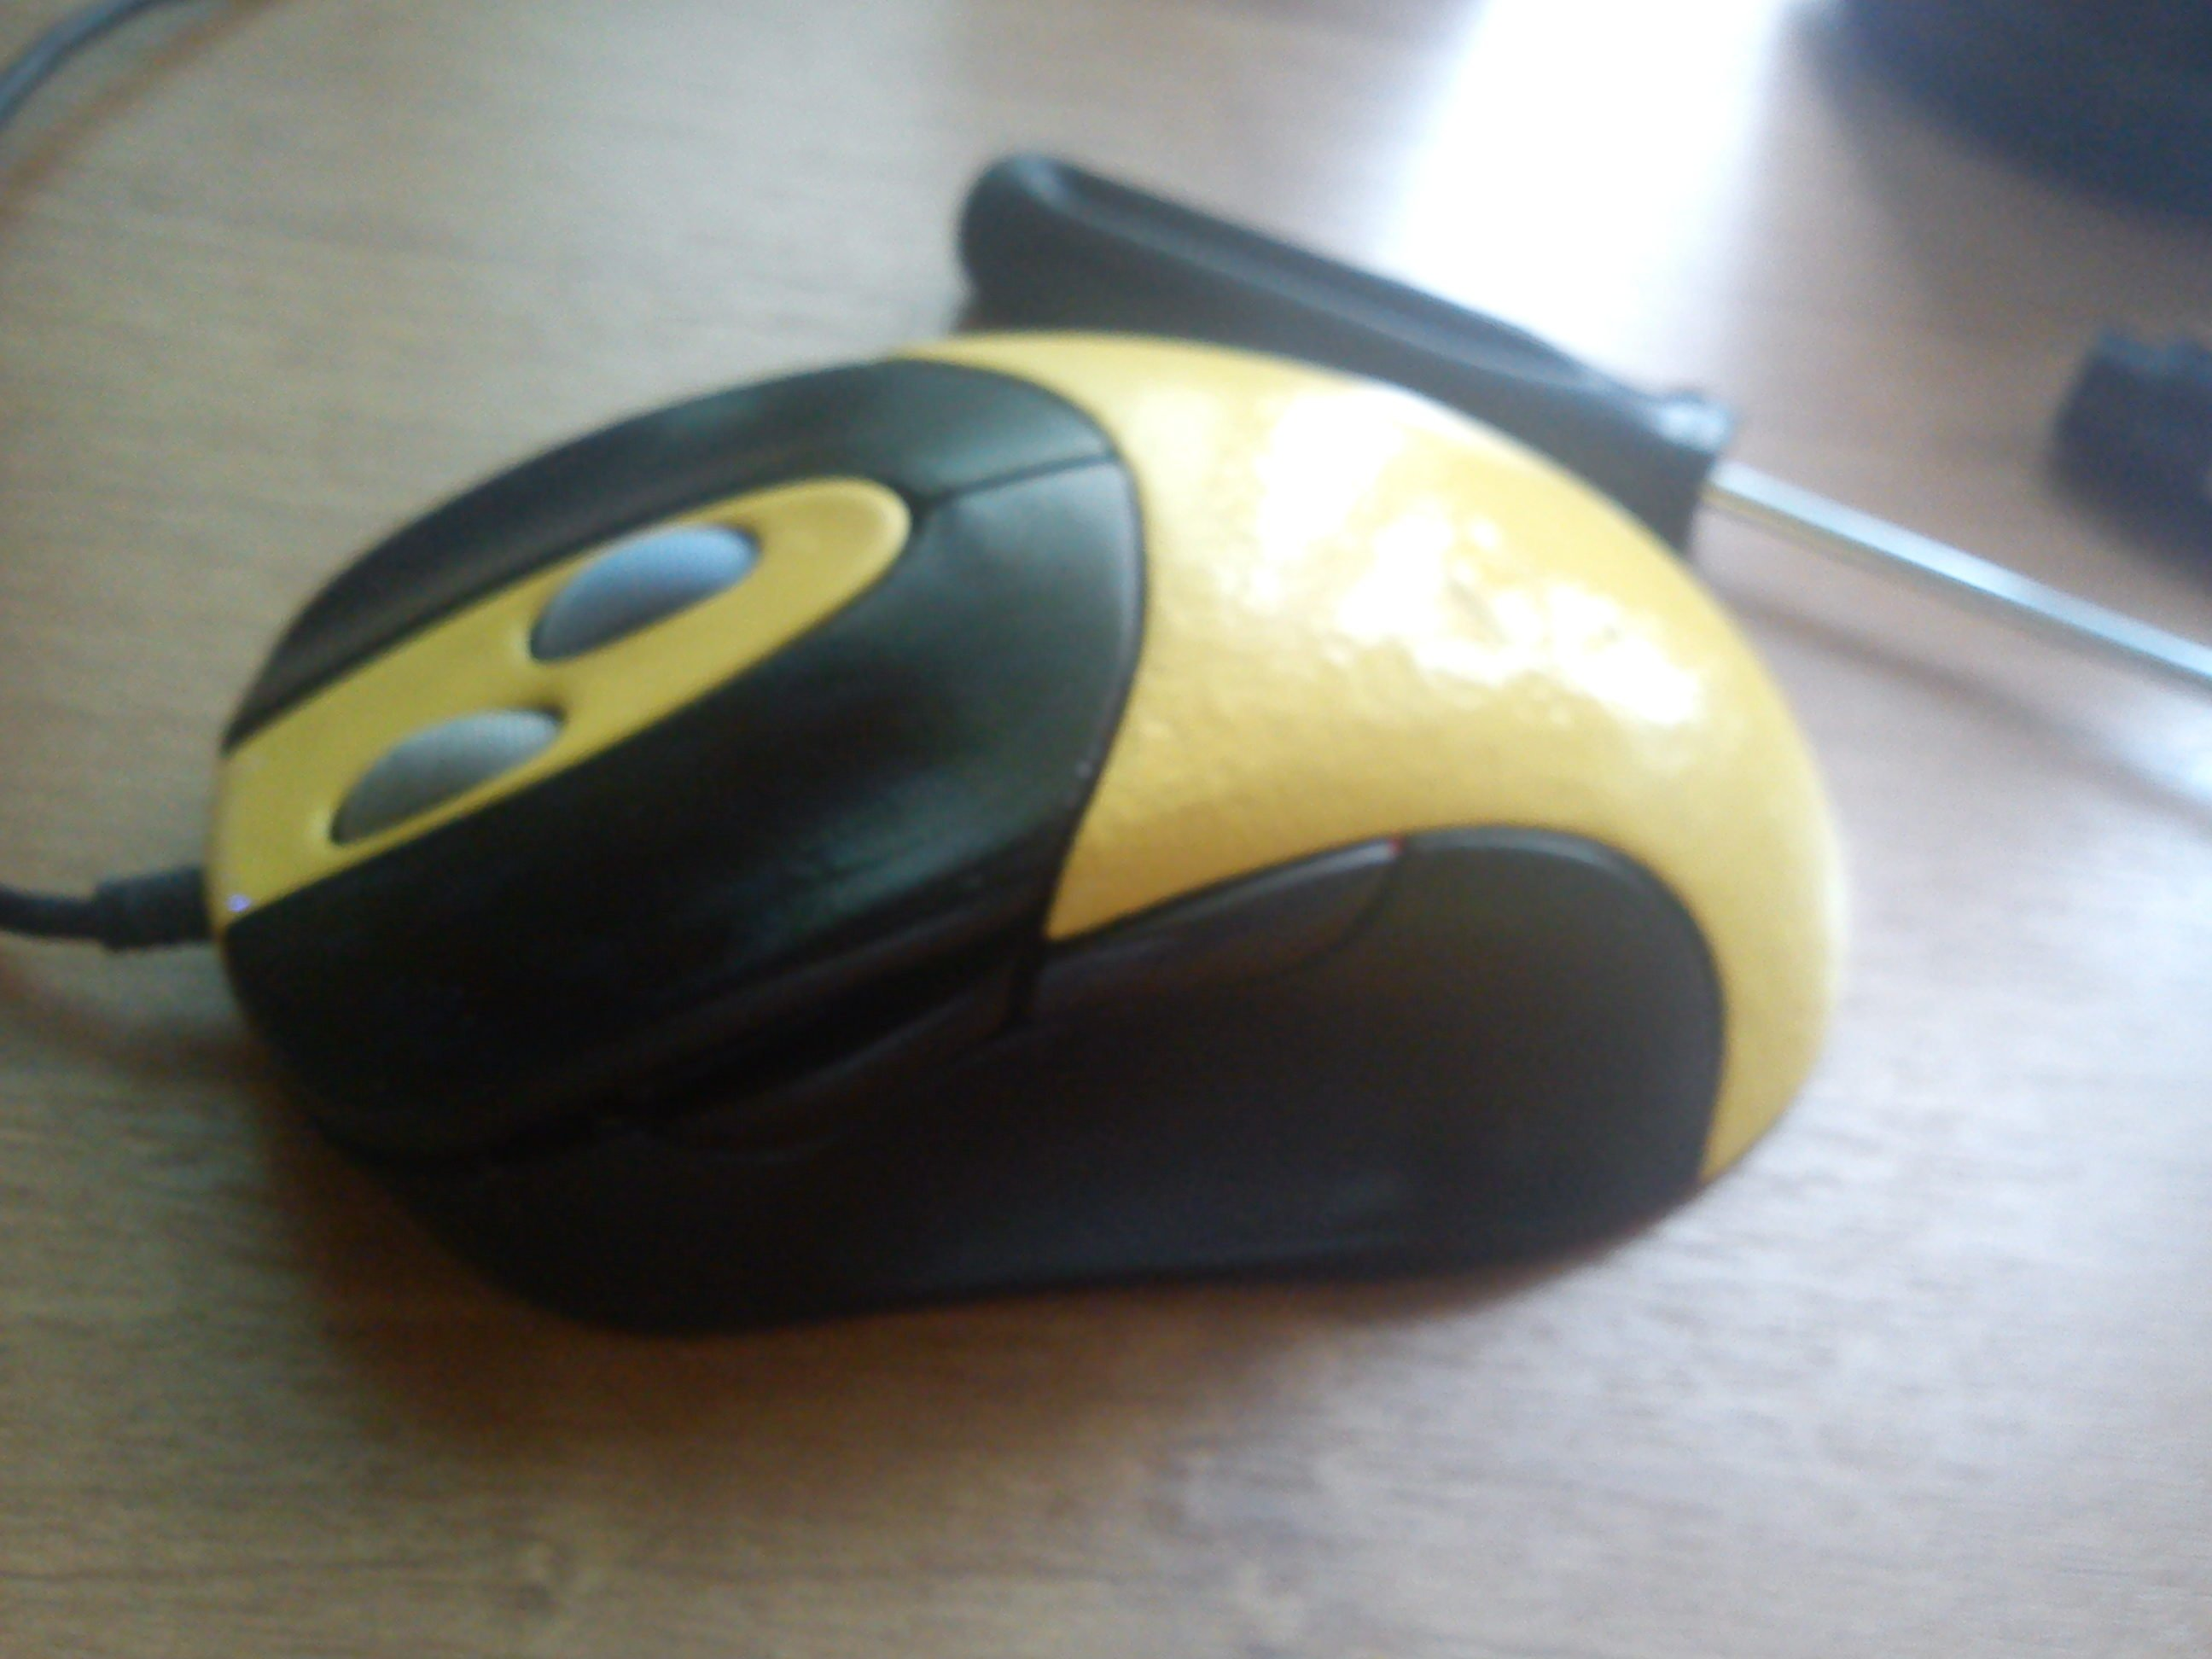 Лет 6 назад один мой приятель подарил мне старую мышку  A4Tech WOP-49(Z), которая верой и правдой служит мне по сей  ... - Изображение 3